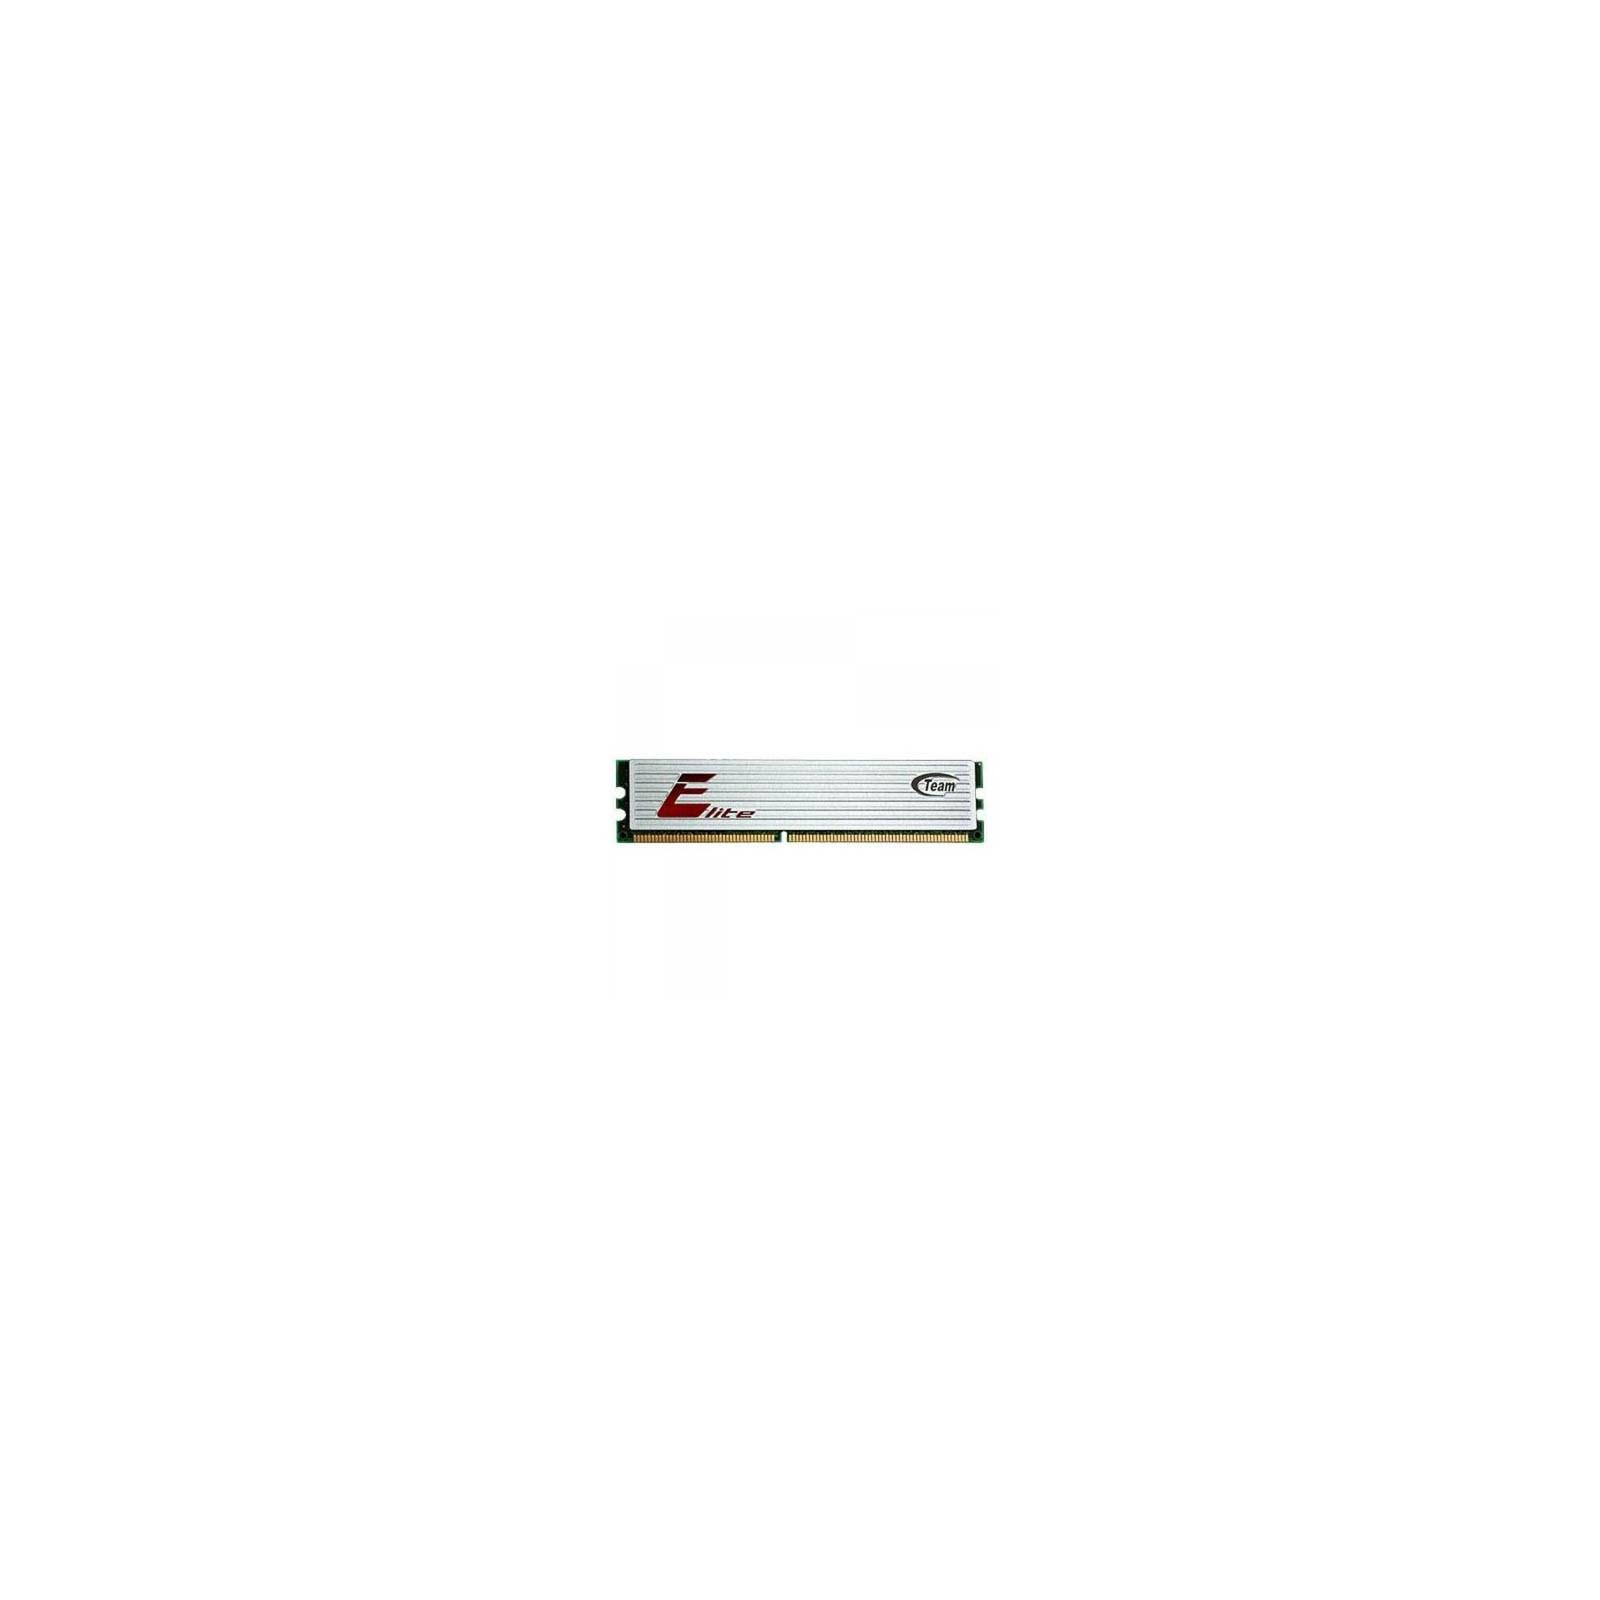 Модуль памяти для компьютера DDR3 4GB 1333 MHz Team (TED34G1333C9BK / TED34GM1333C9BK)